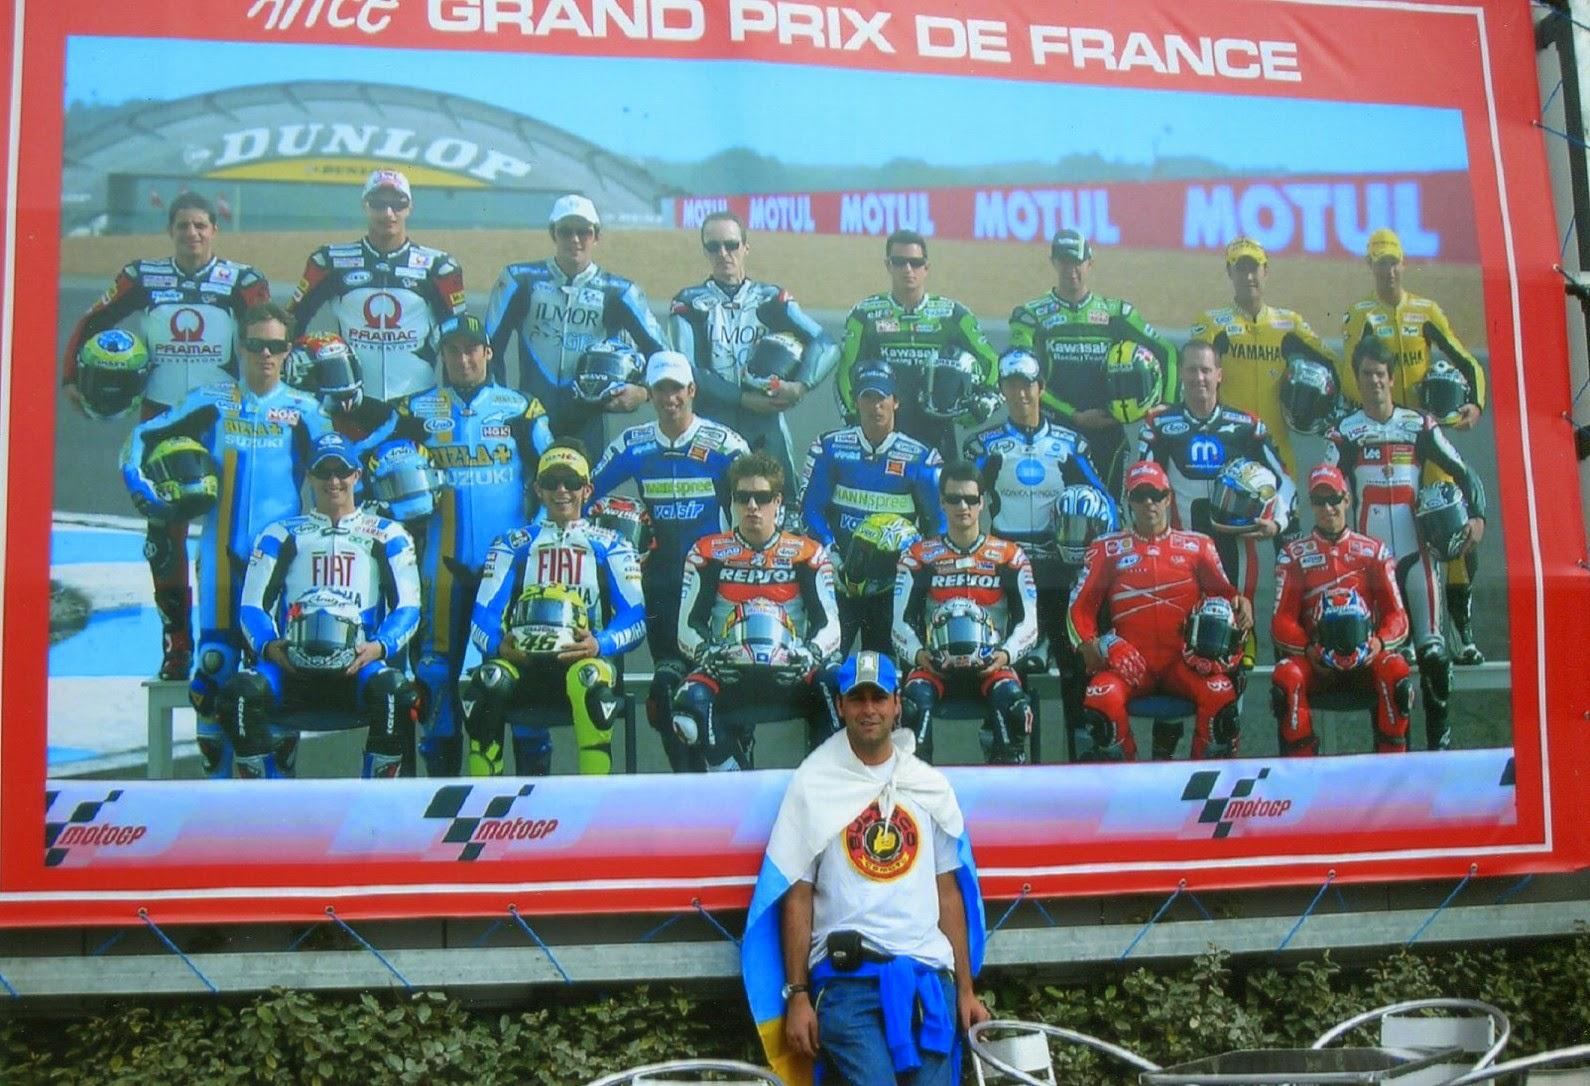 Mural de pilotos en el circuito de Le Mans